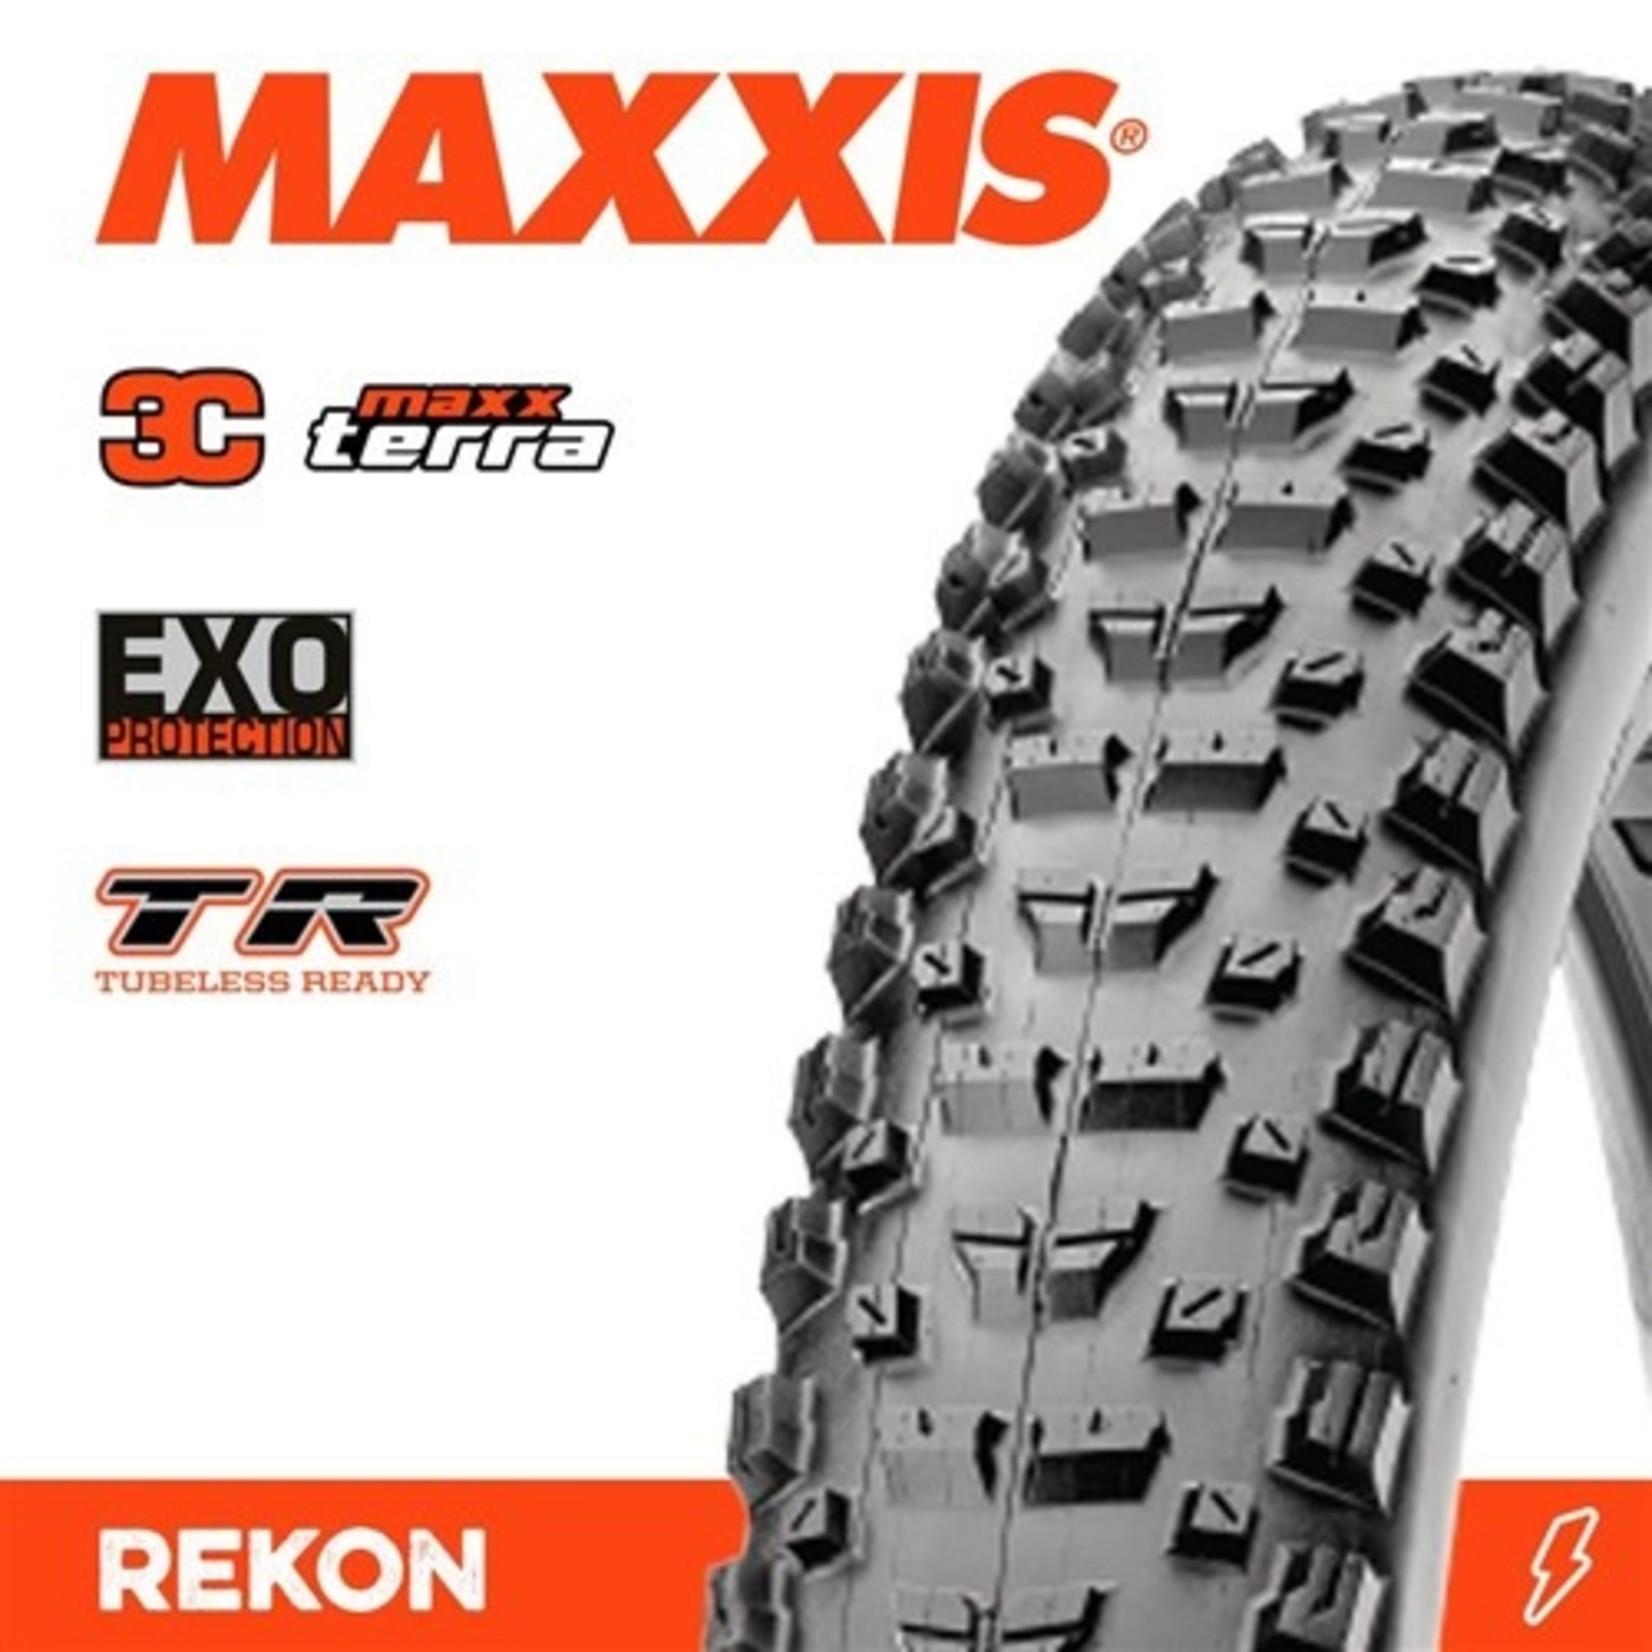 Maxxis Maxxis, Tyre Rekon 29x2.40WT 3C Terra EXO TR 60TPI Black